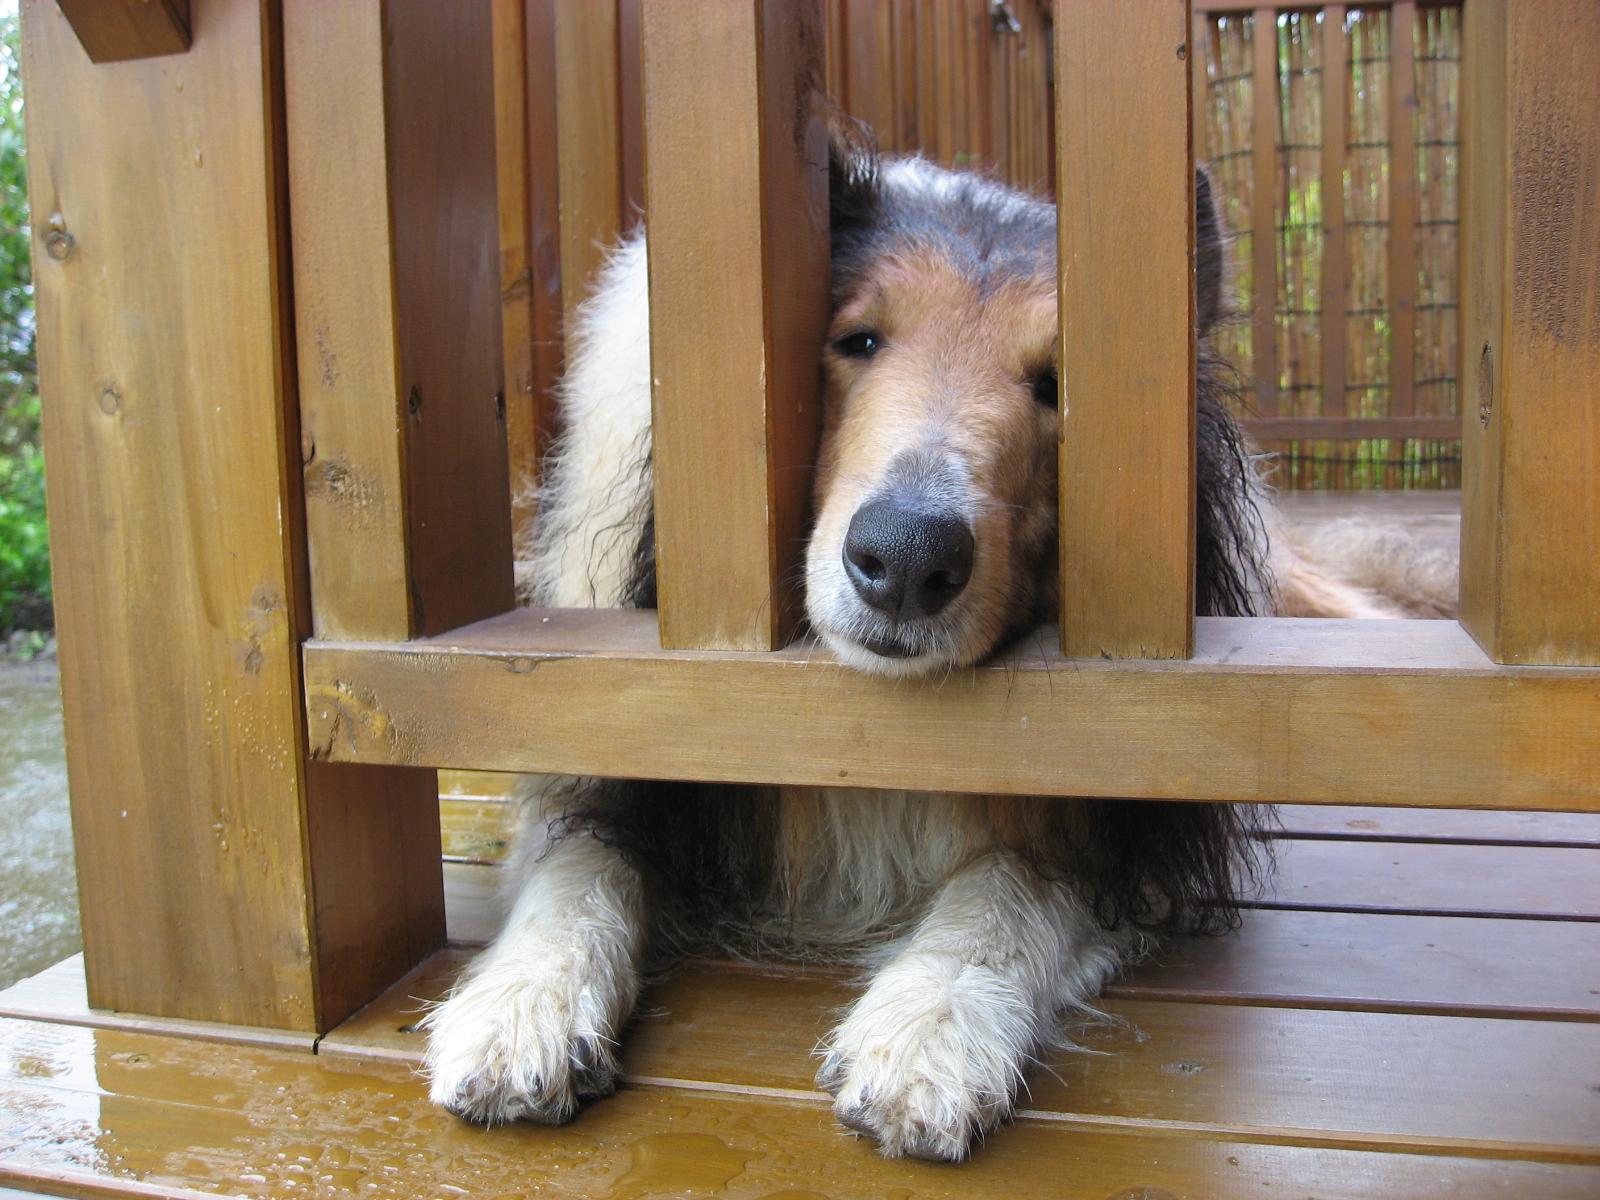 http://www.lucky-dog.jp/weblog/image/IMG_0951.JPG